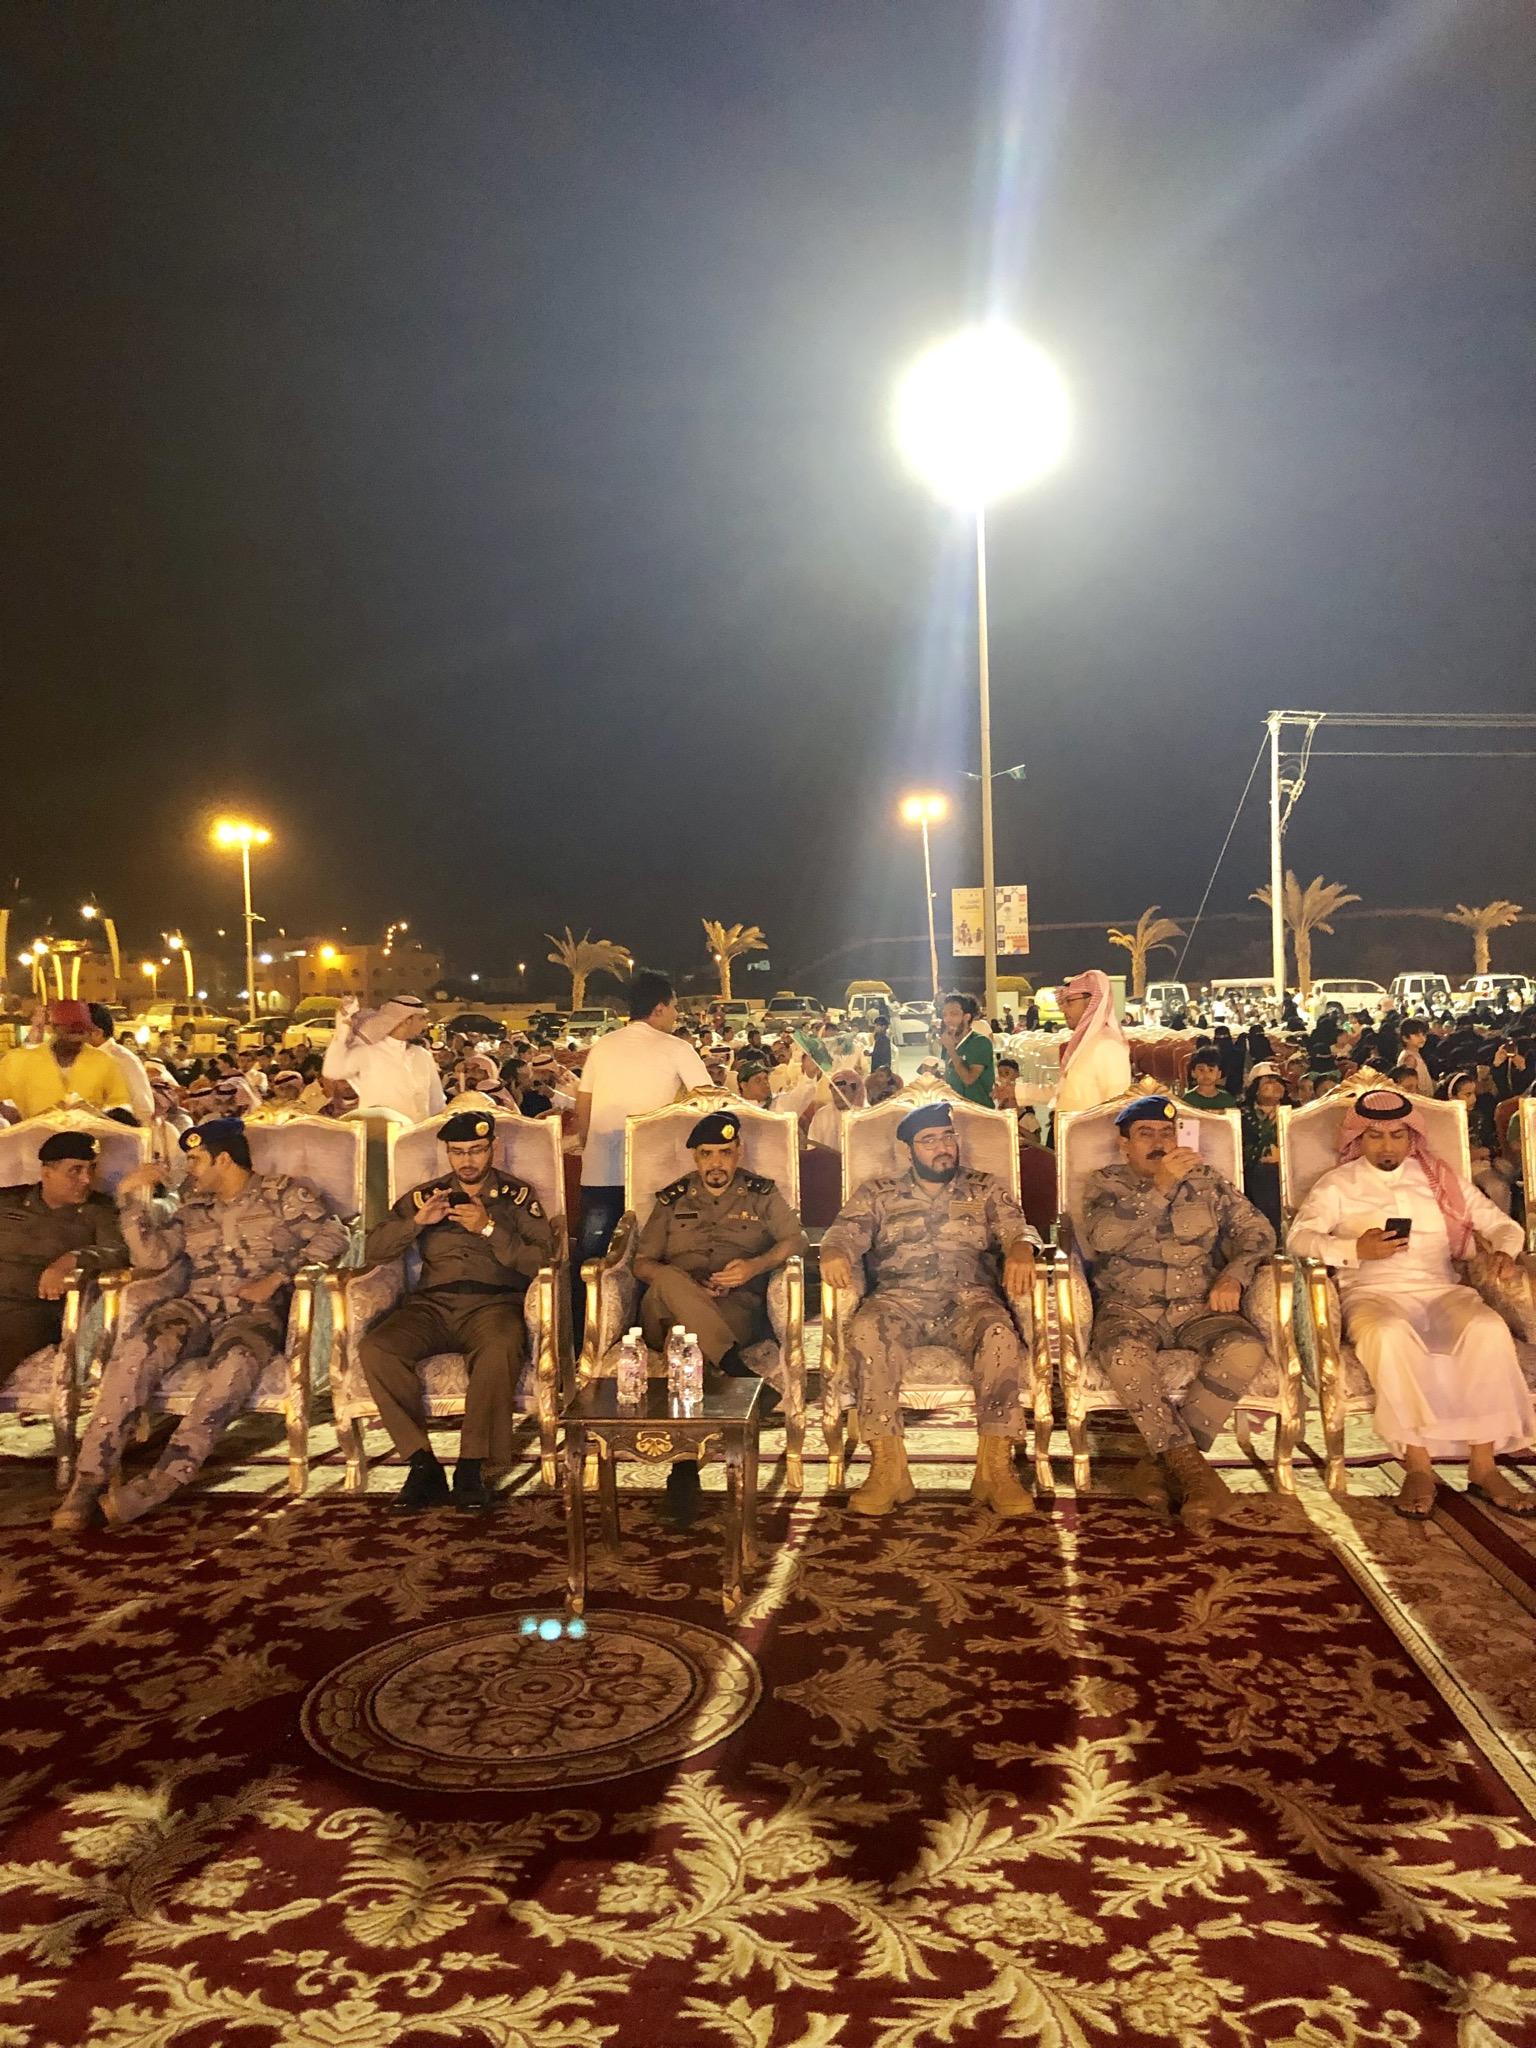 """""""المواطن"""" في احتفالات البرك.. أشعار وهدايا وسماء مضيئة بألوان الوطن - المواطن"""